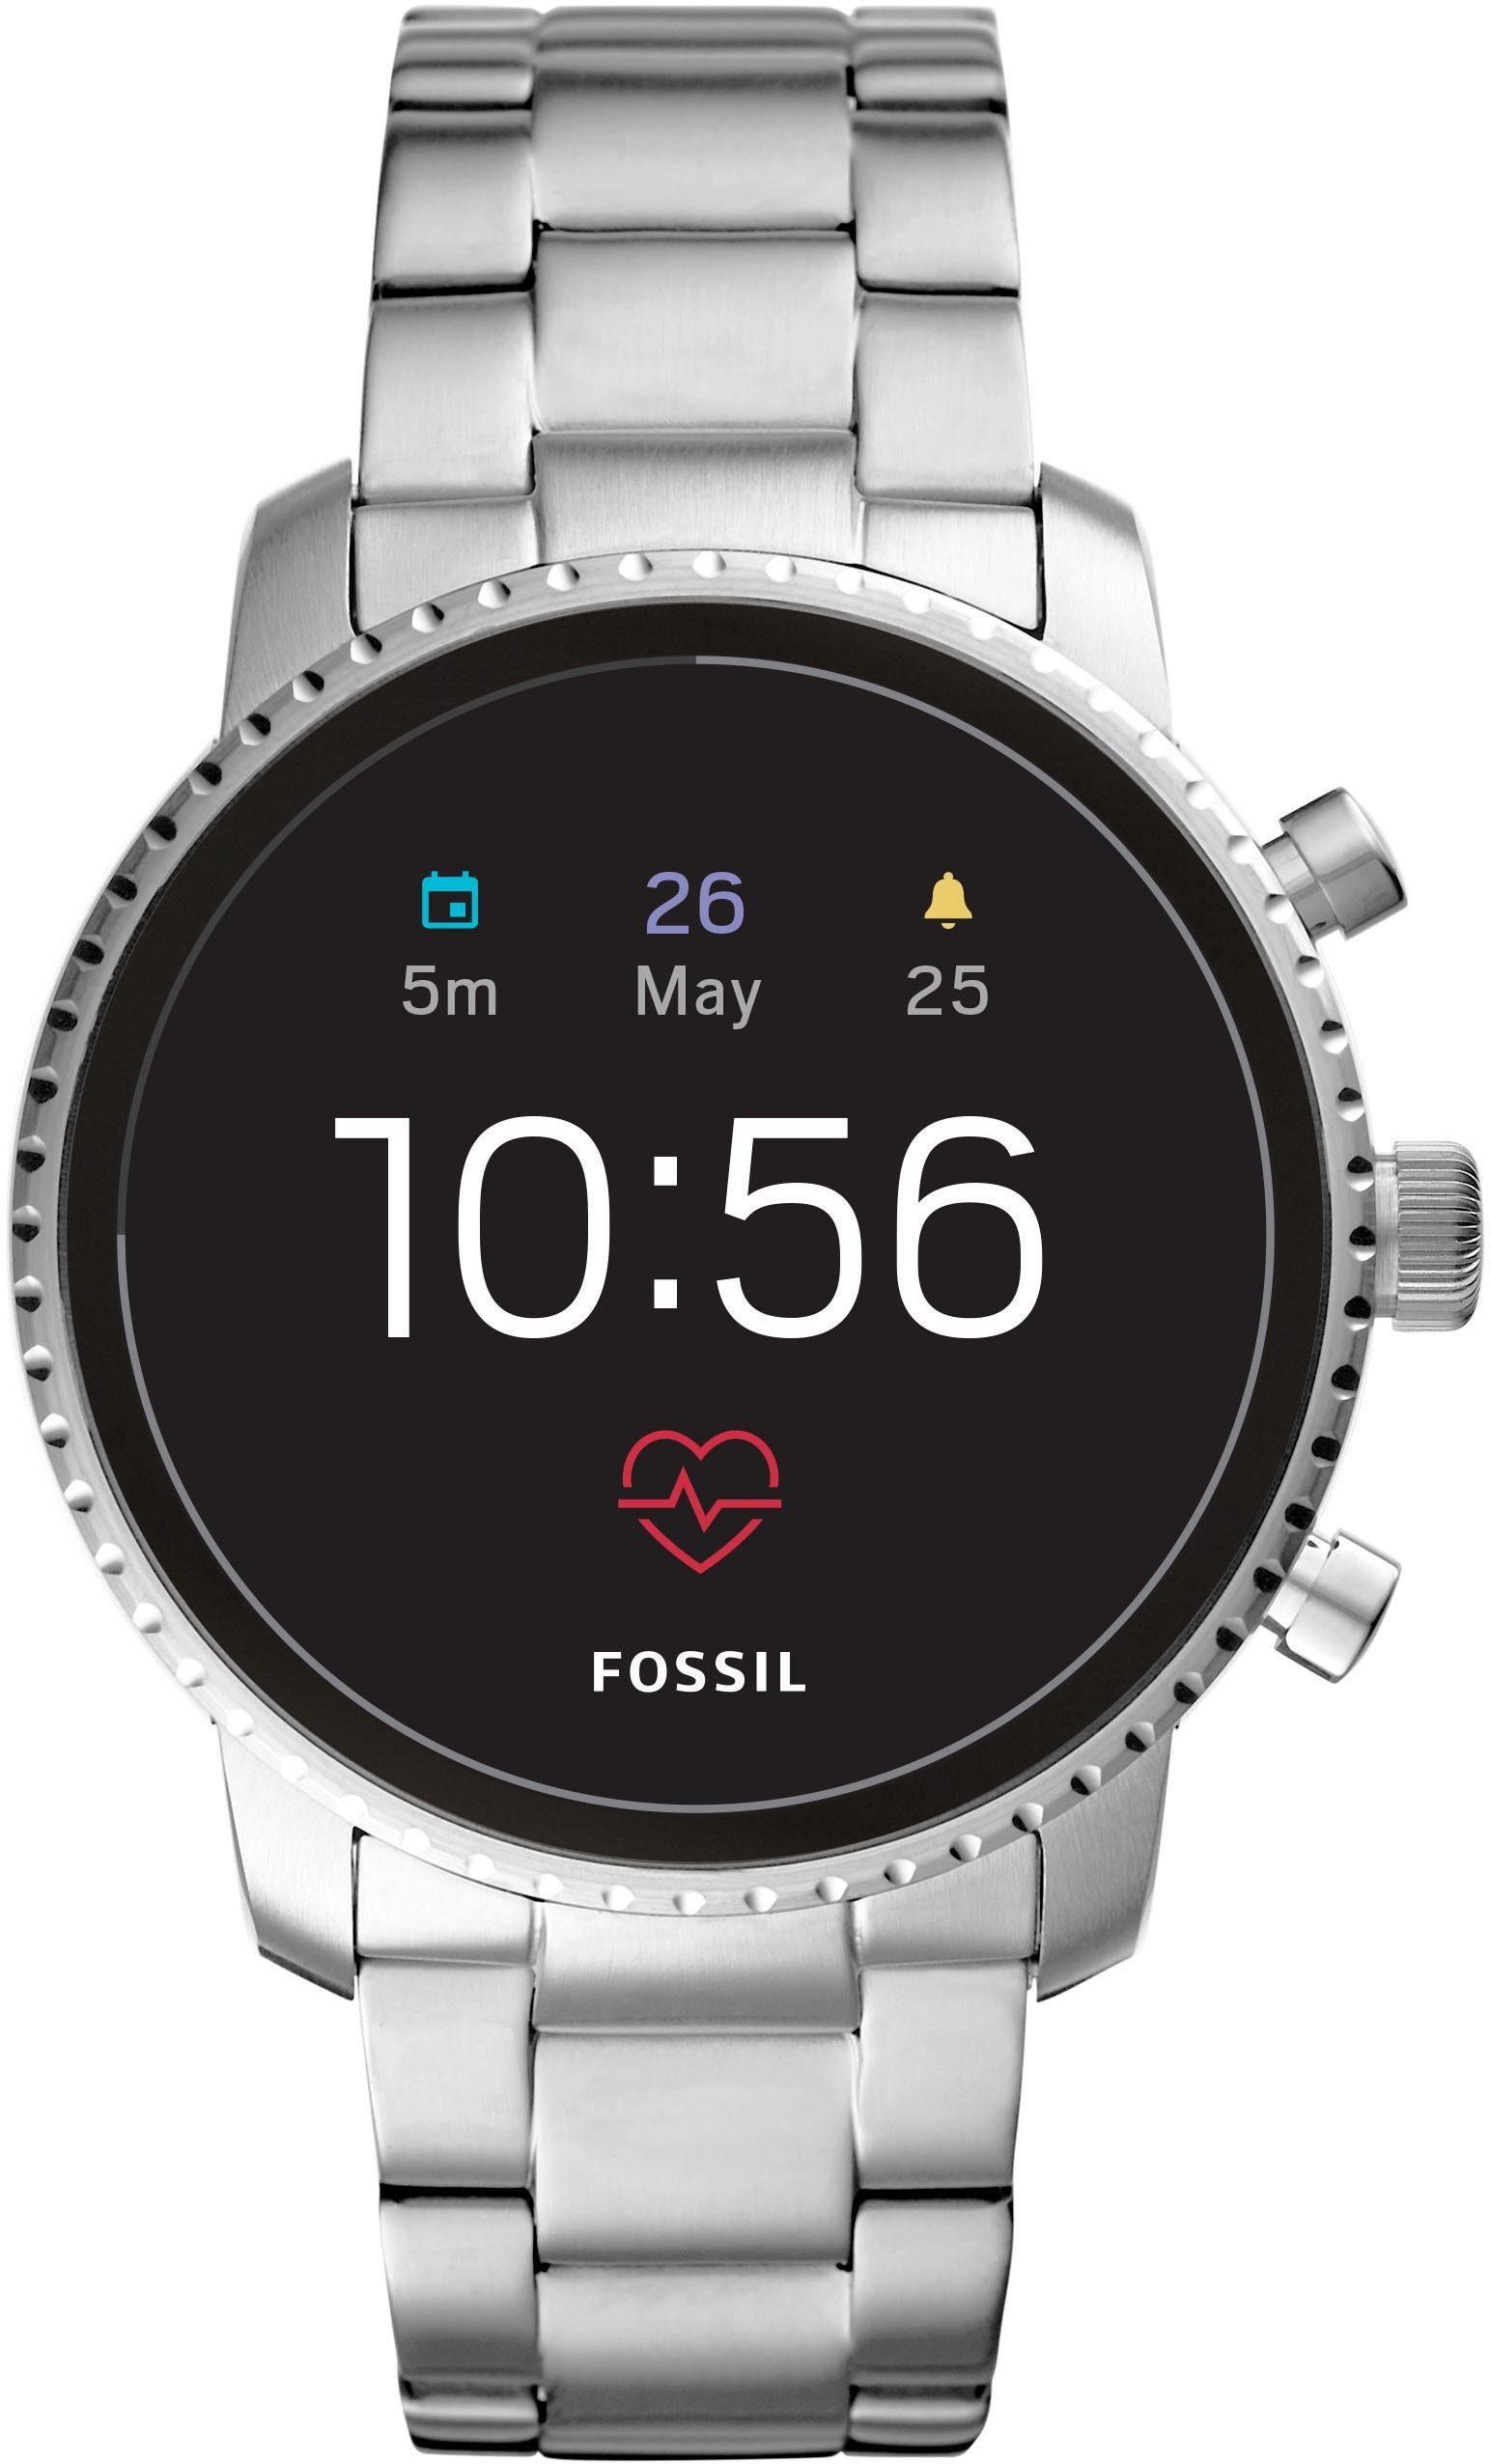 FOSSIL Q Q EXPLORIST HR, FTW4011 Smartwatch (Wear OS by Google, mit individuell einstellbarem Zifferblatt)